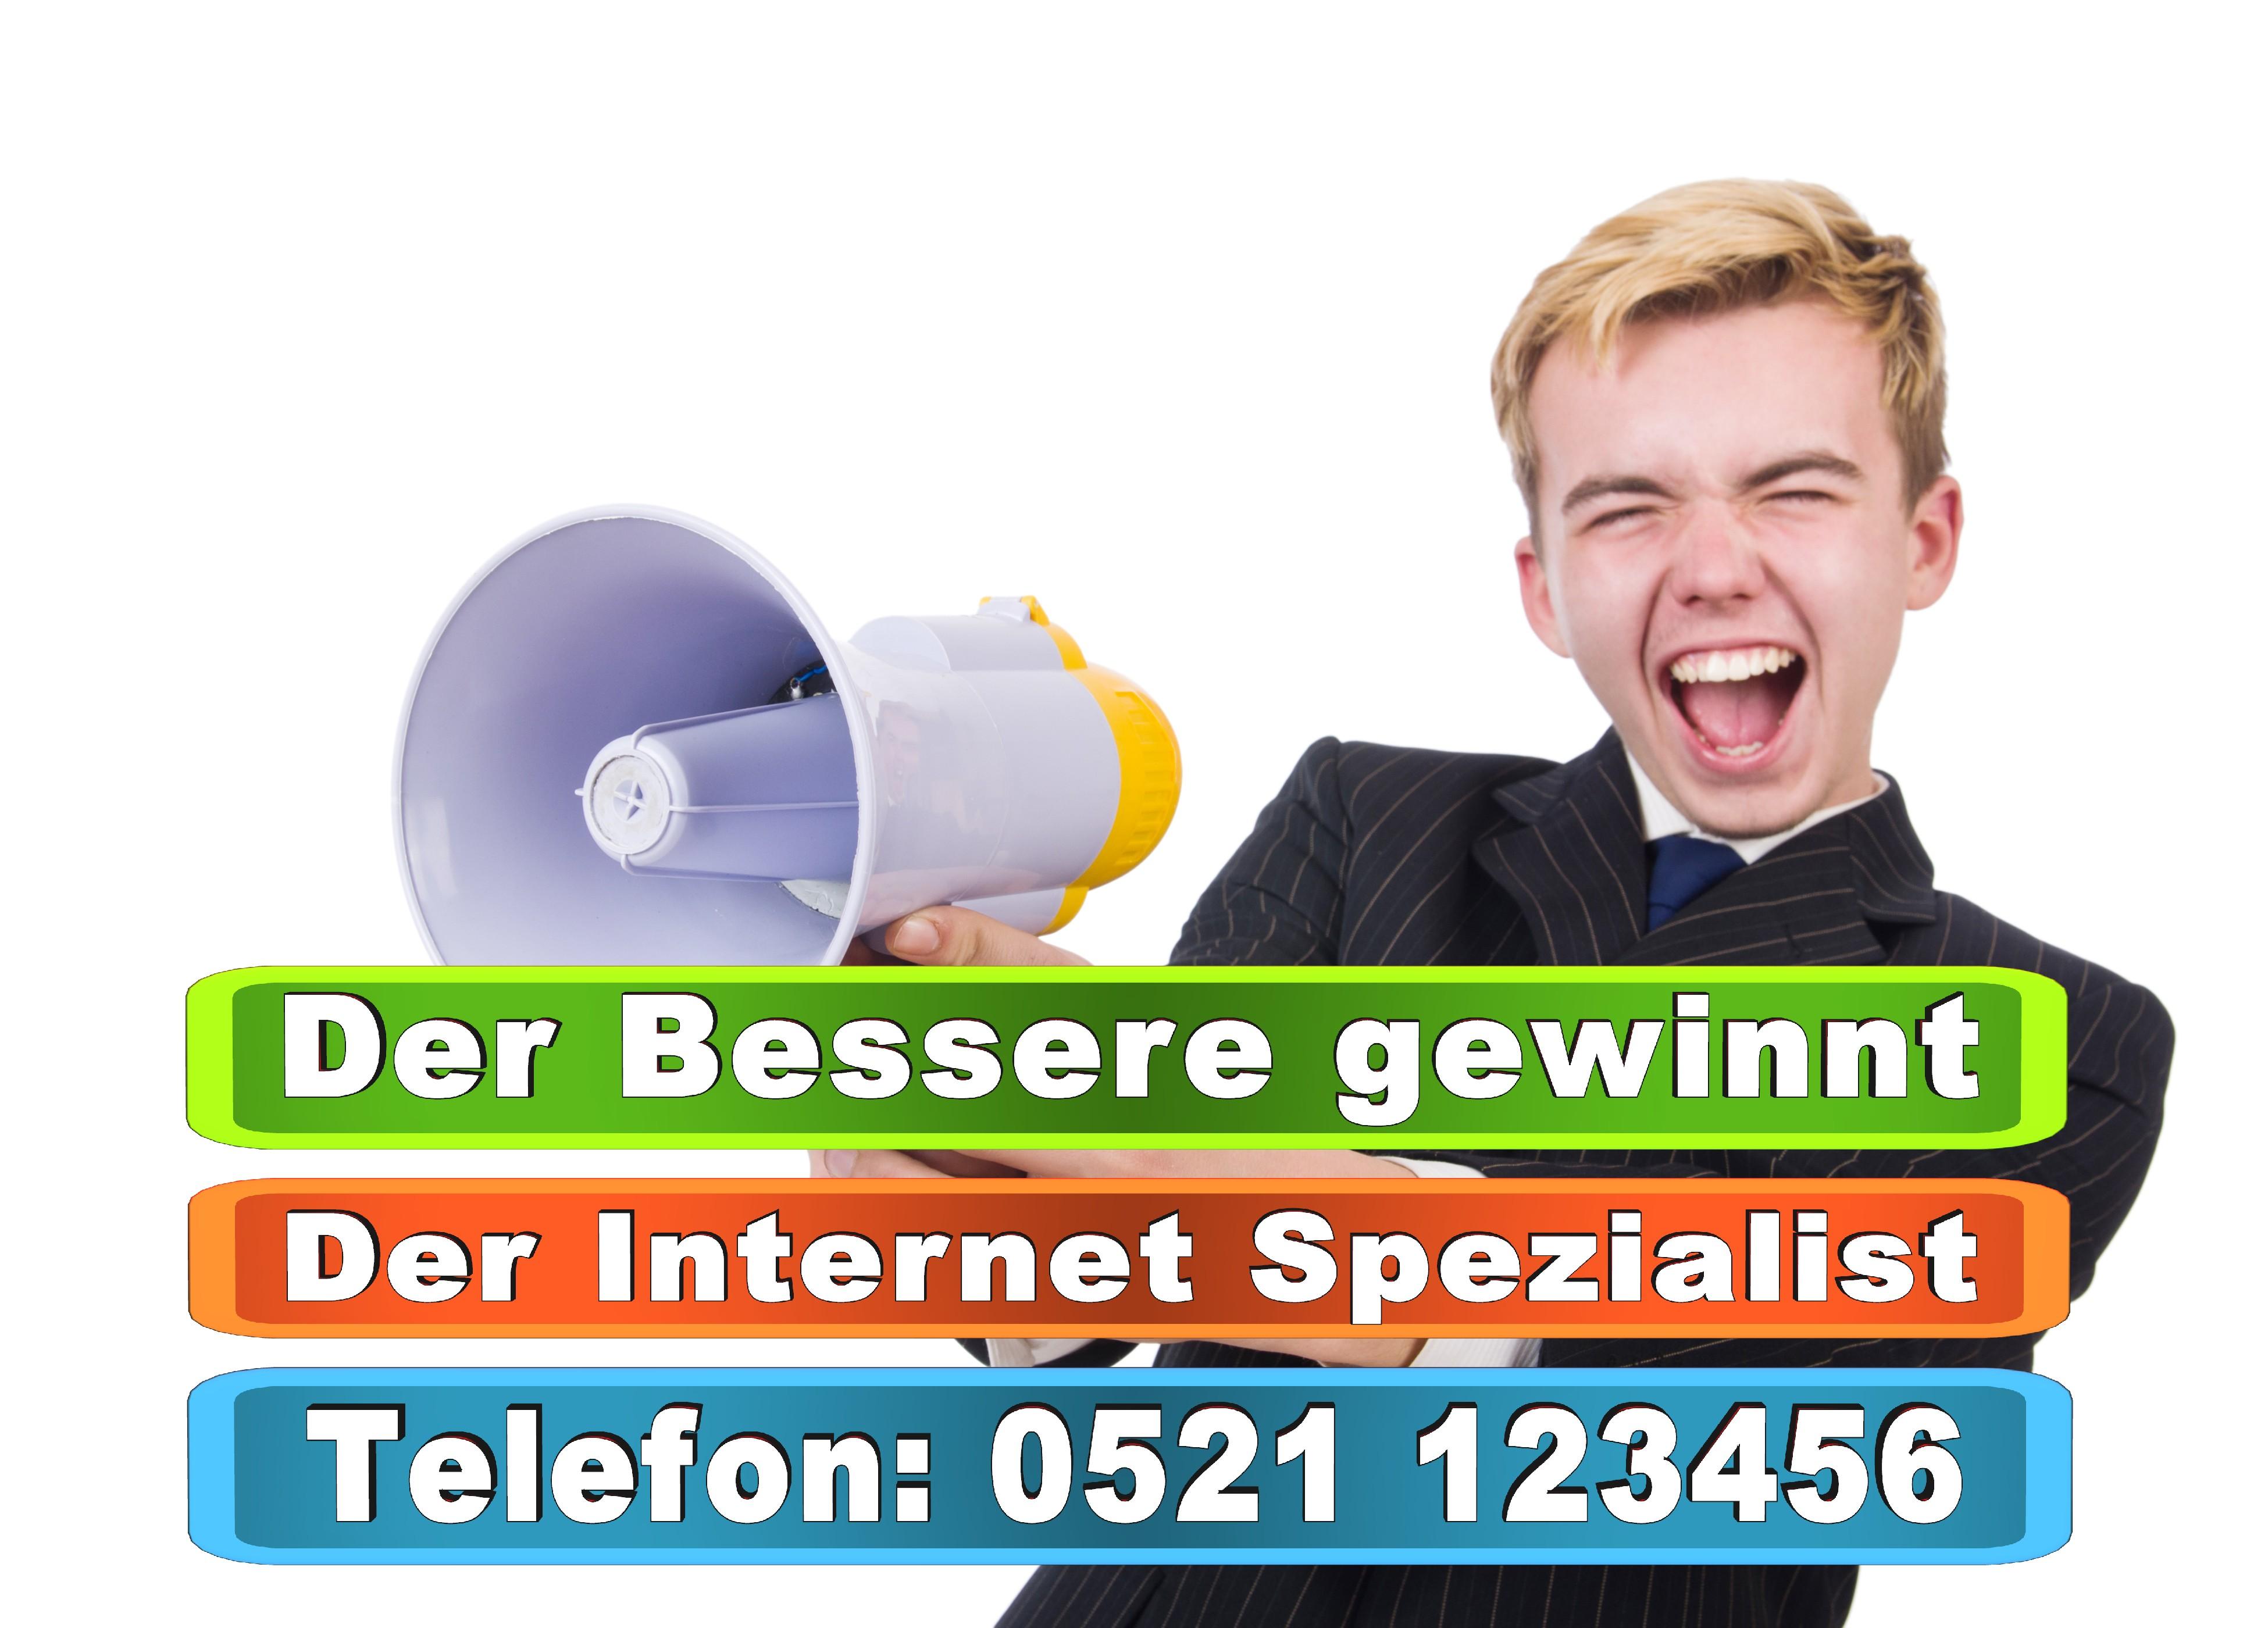 Mietwohnungen Bielefeld Häuser Immobilien Bielefeld Grundstücke Bielefeld Mischgebiet Bielefeld Hotel Gastwirtschaft Unterkunft Studentenwohnheim (3)